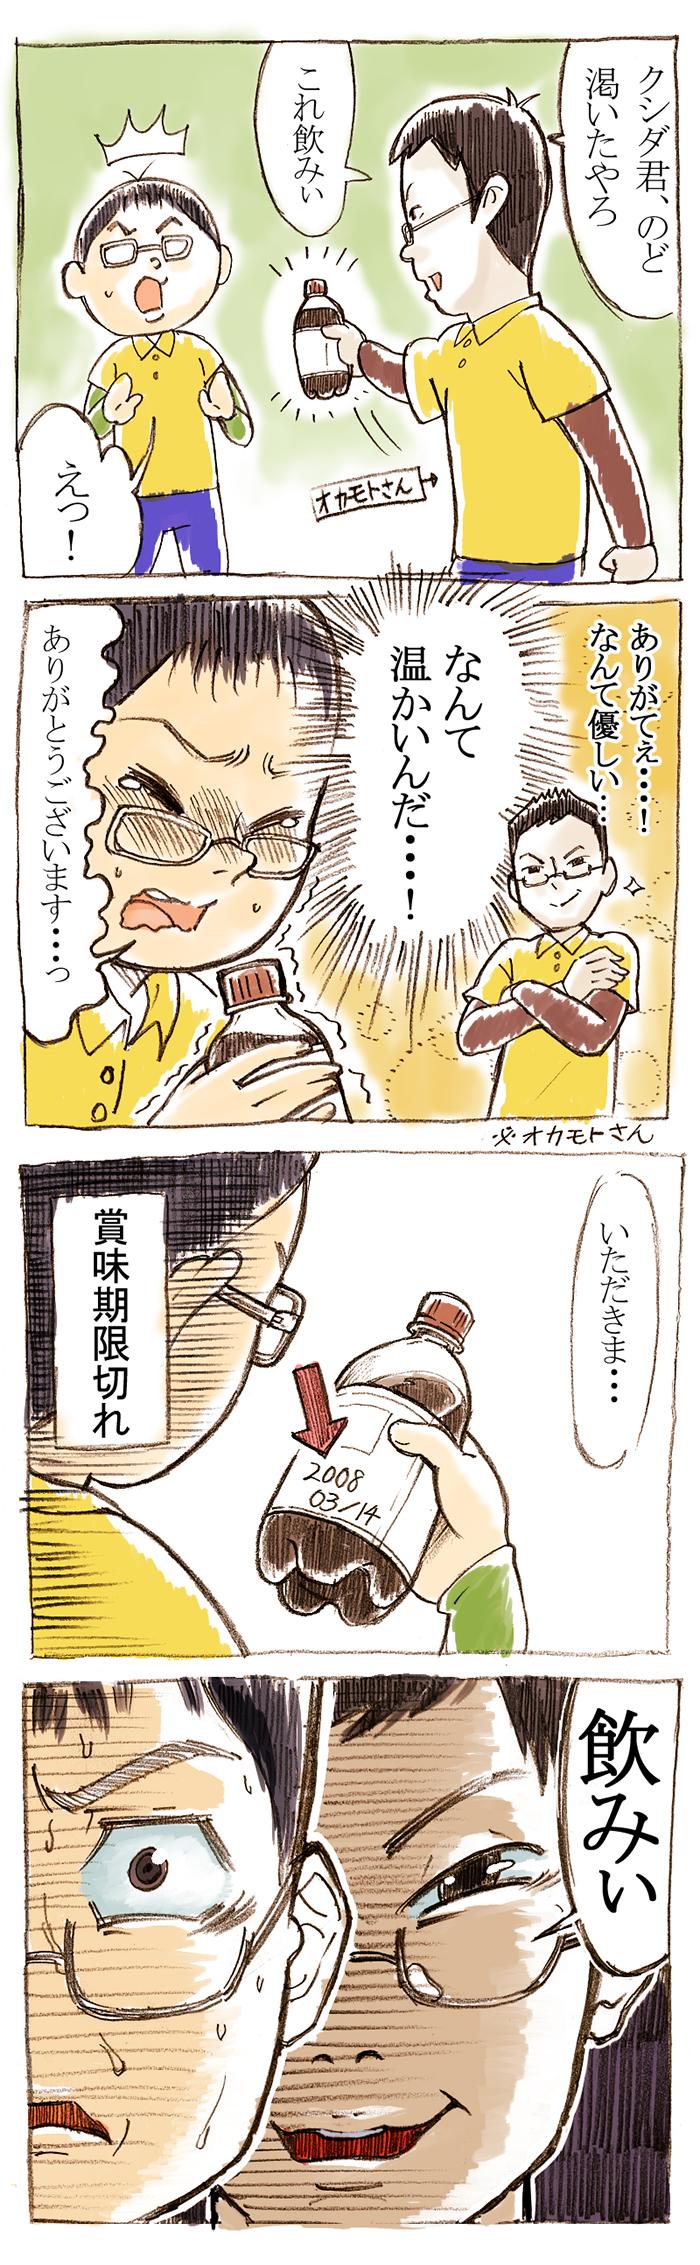 「岡本さん、優しすぎる」の片付け漫画